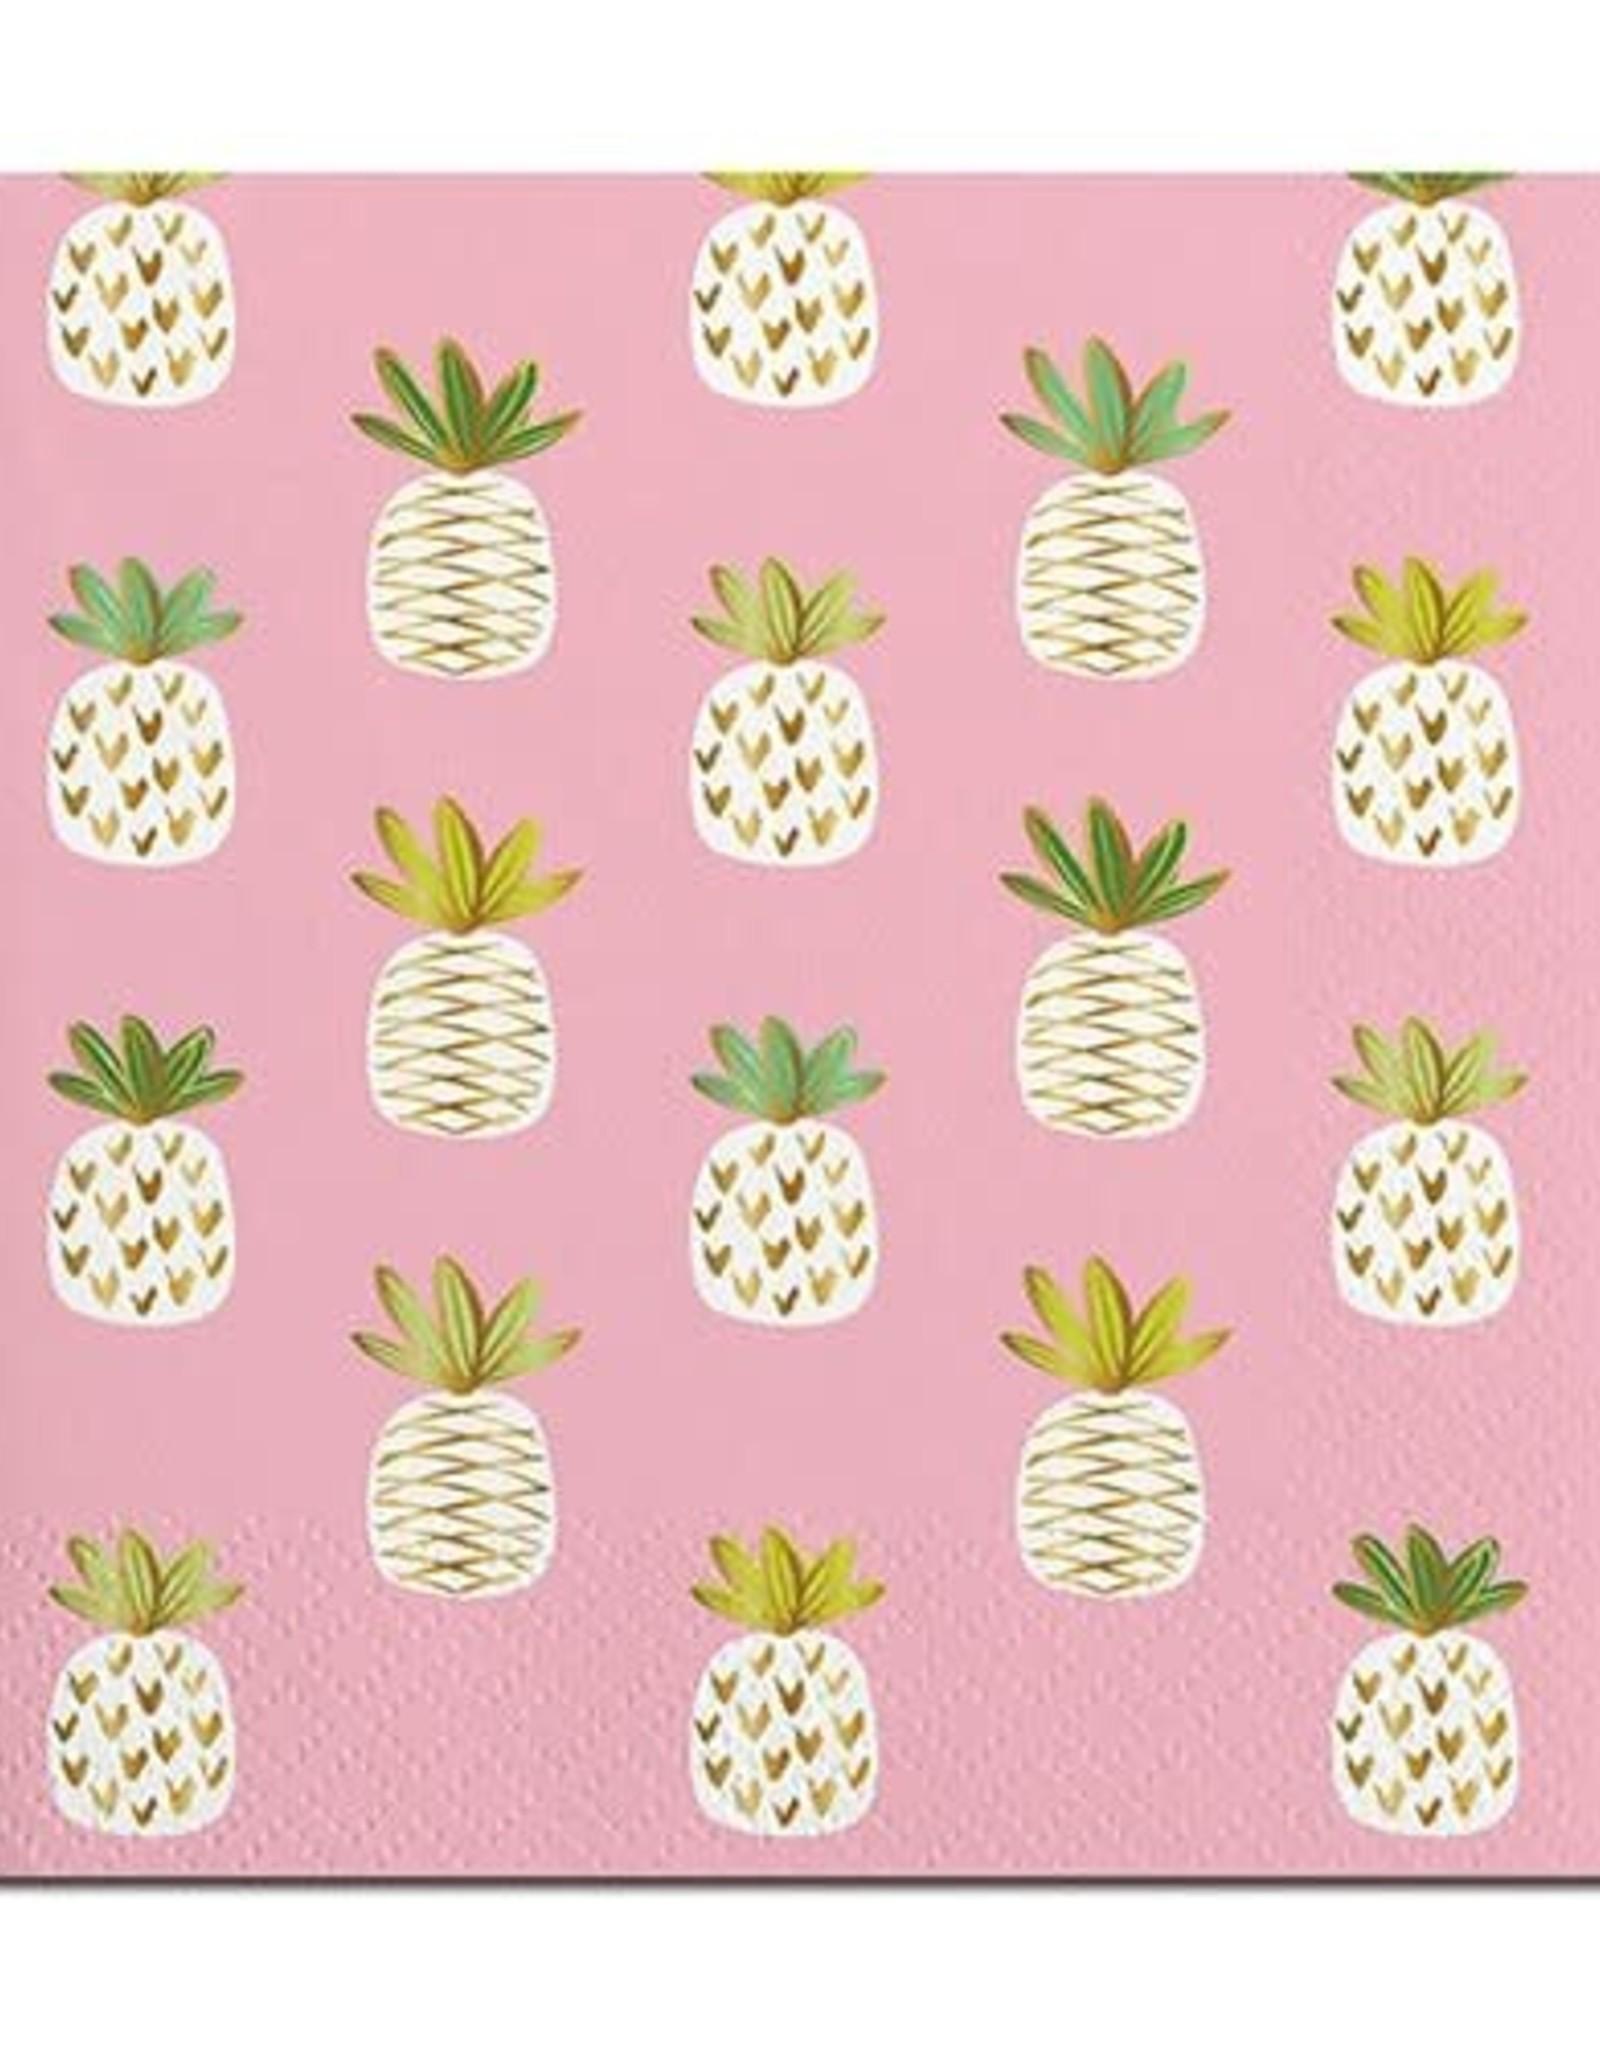 Slant Bev Napkin- Pineapples